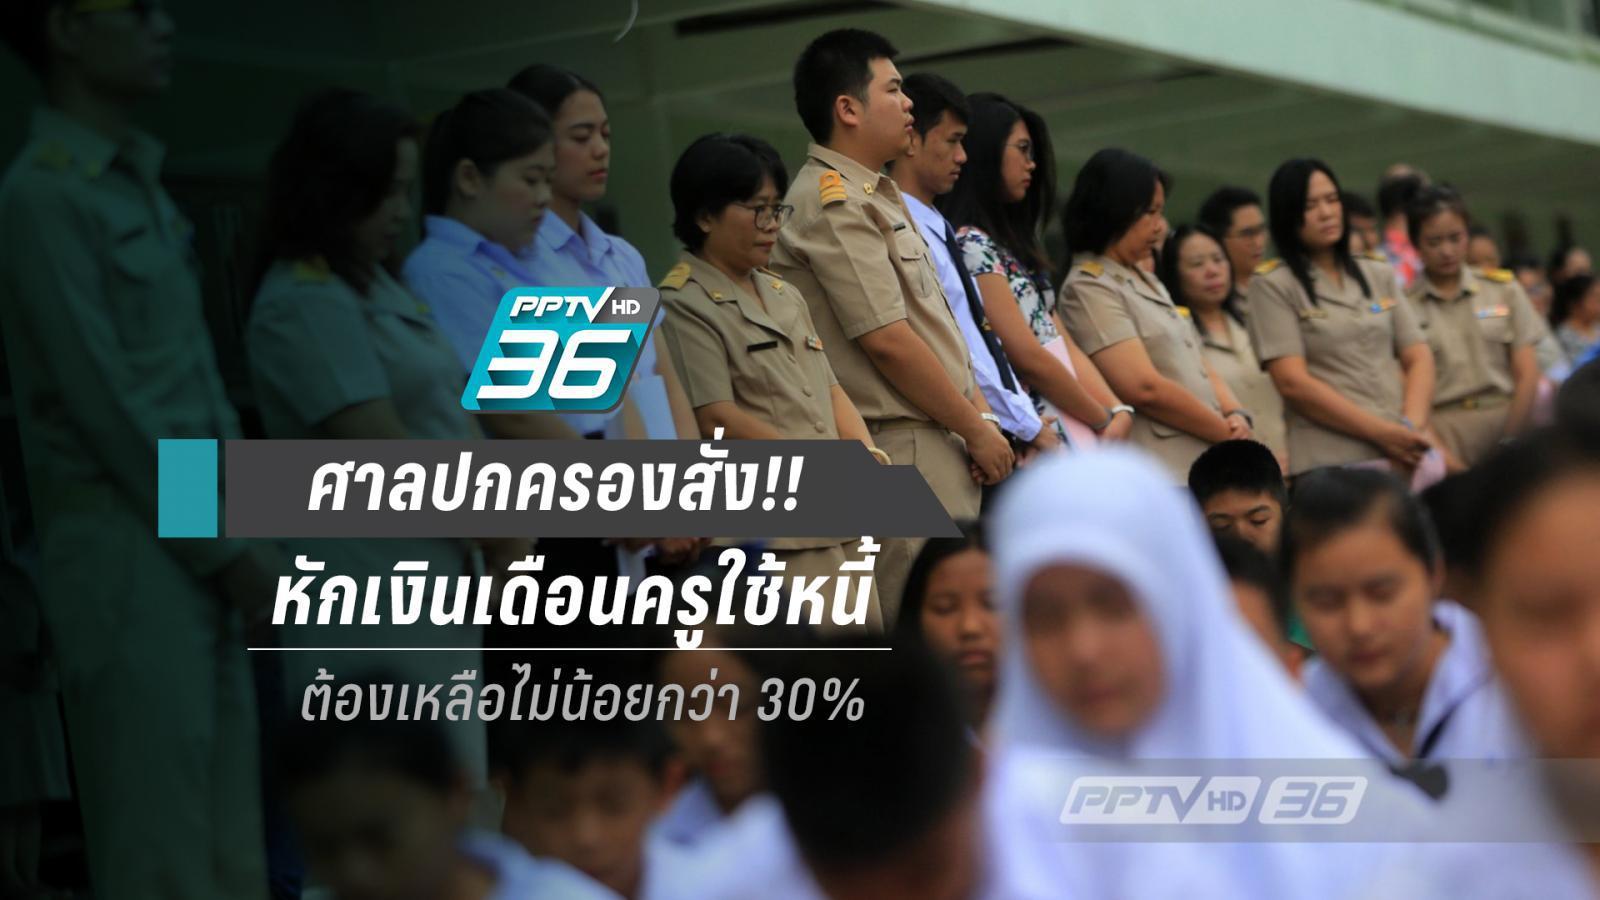 ครูเฮ!! ศาลปกครองสั่ง หักเงินเดือนใช้หนี้ ต้องเหลือไม่น้อยกว่า 30%